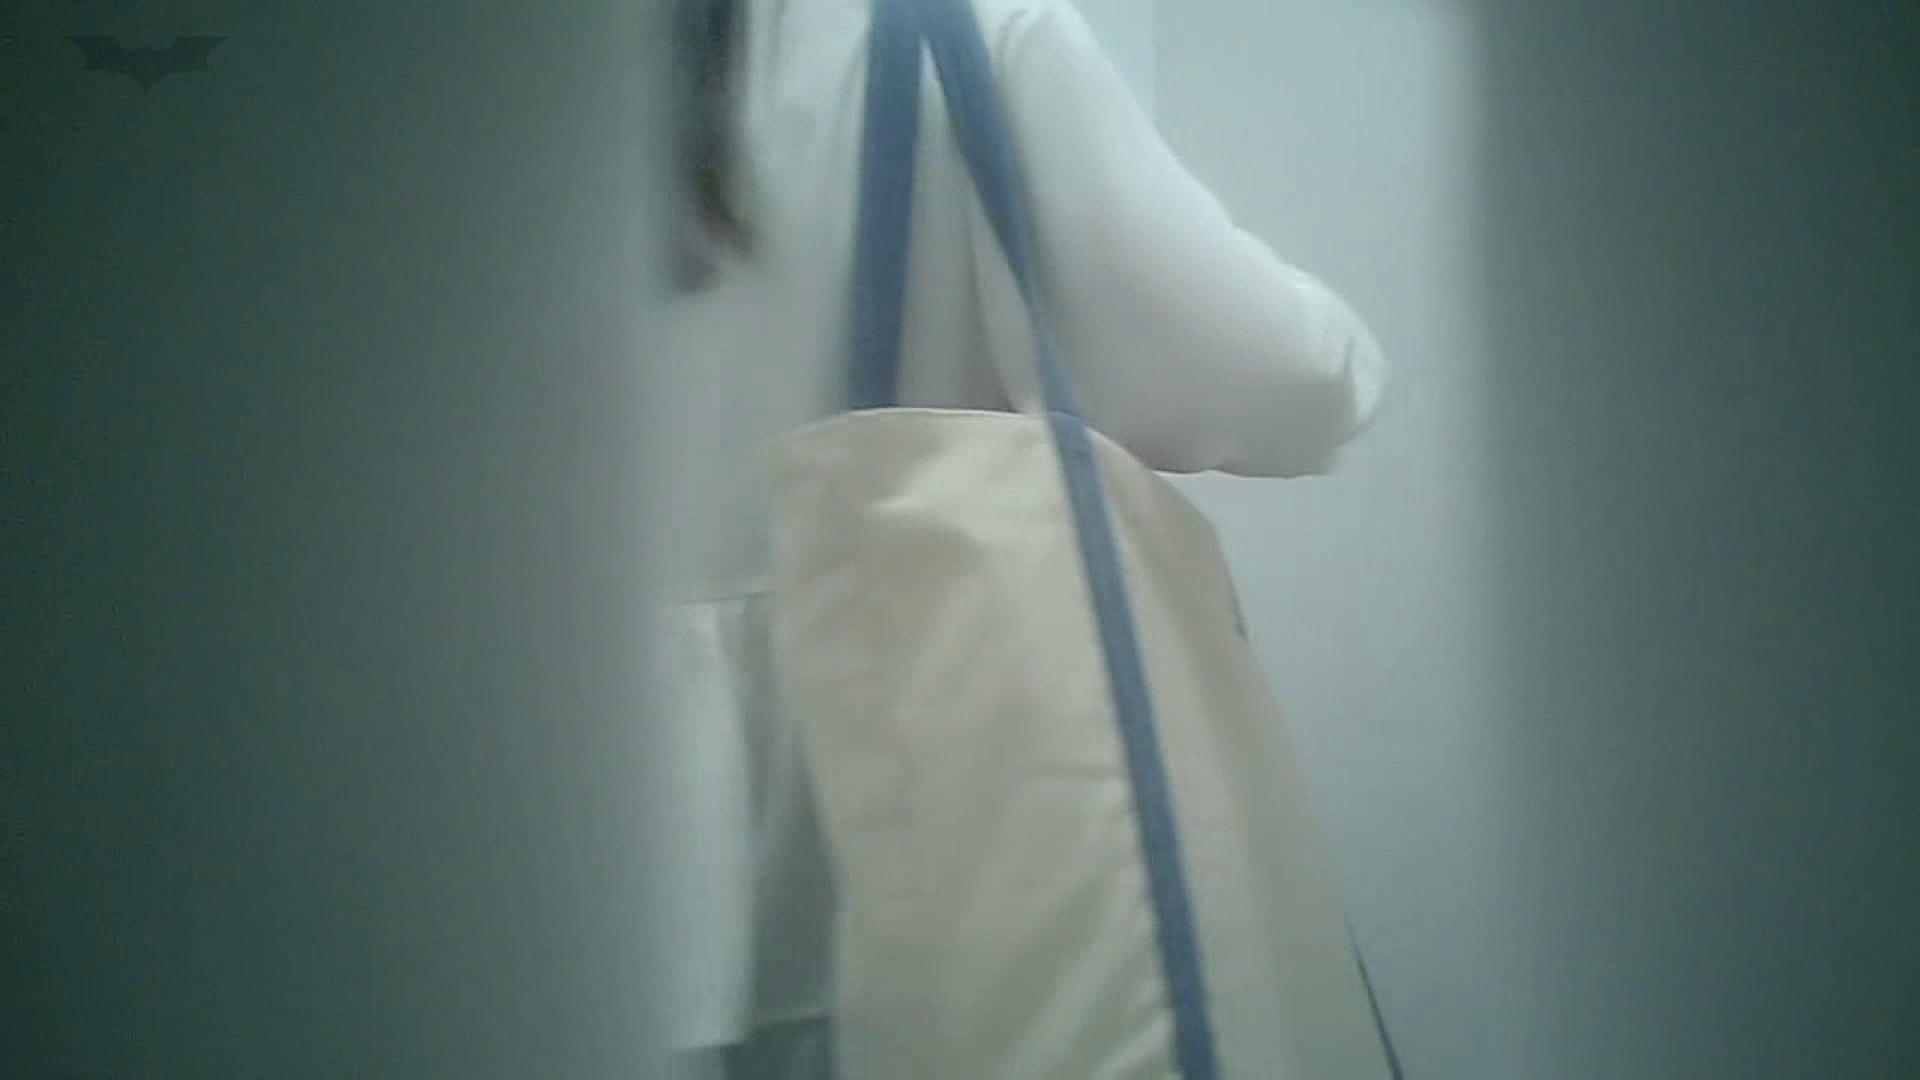 有名大学女性洗面所 vol.40 ??おまじない的な動きをする子がいます。 和式 盗撮画像 22連発 5